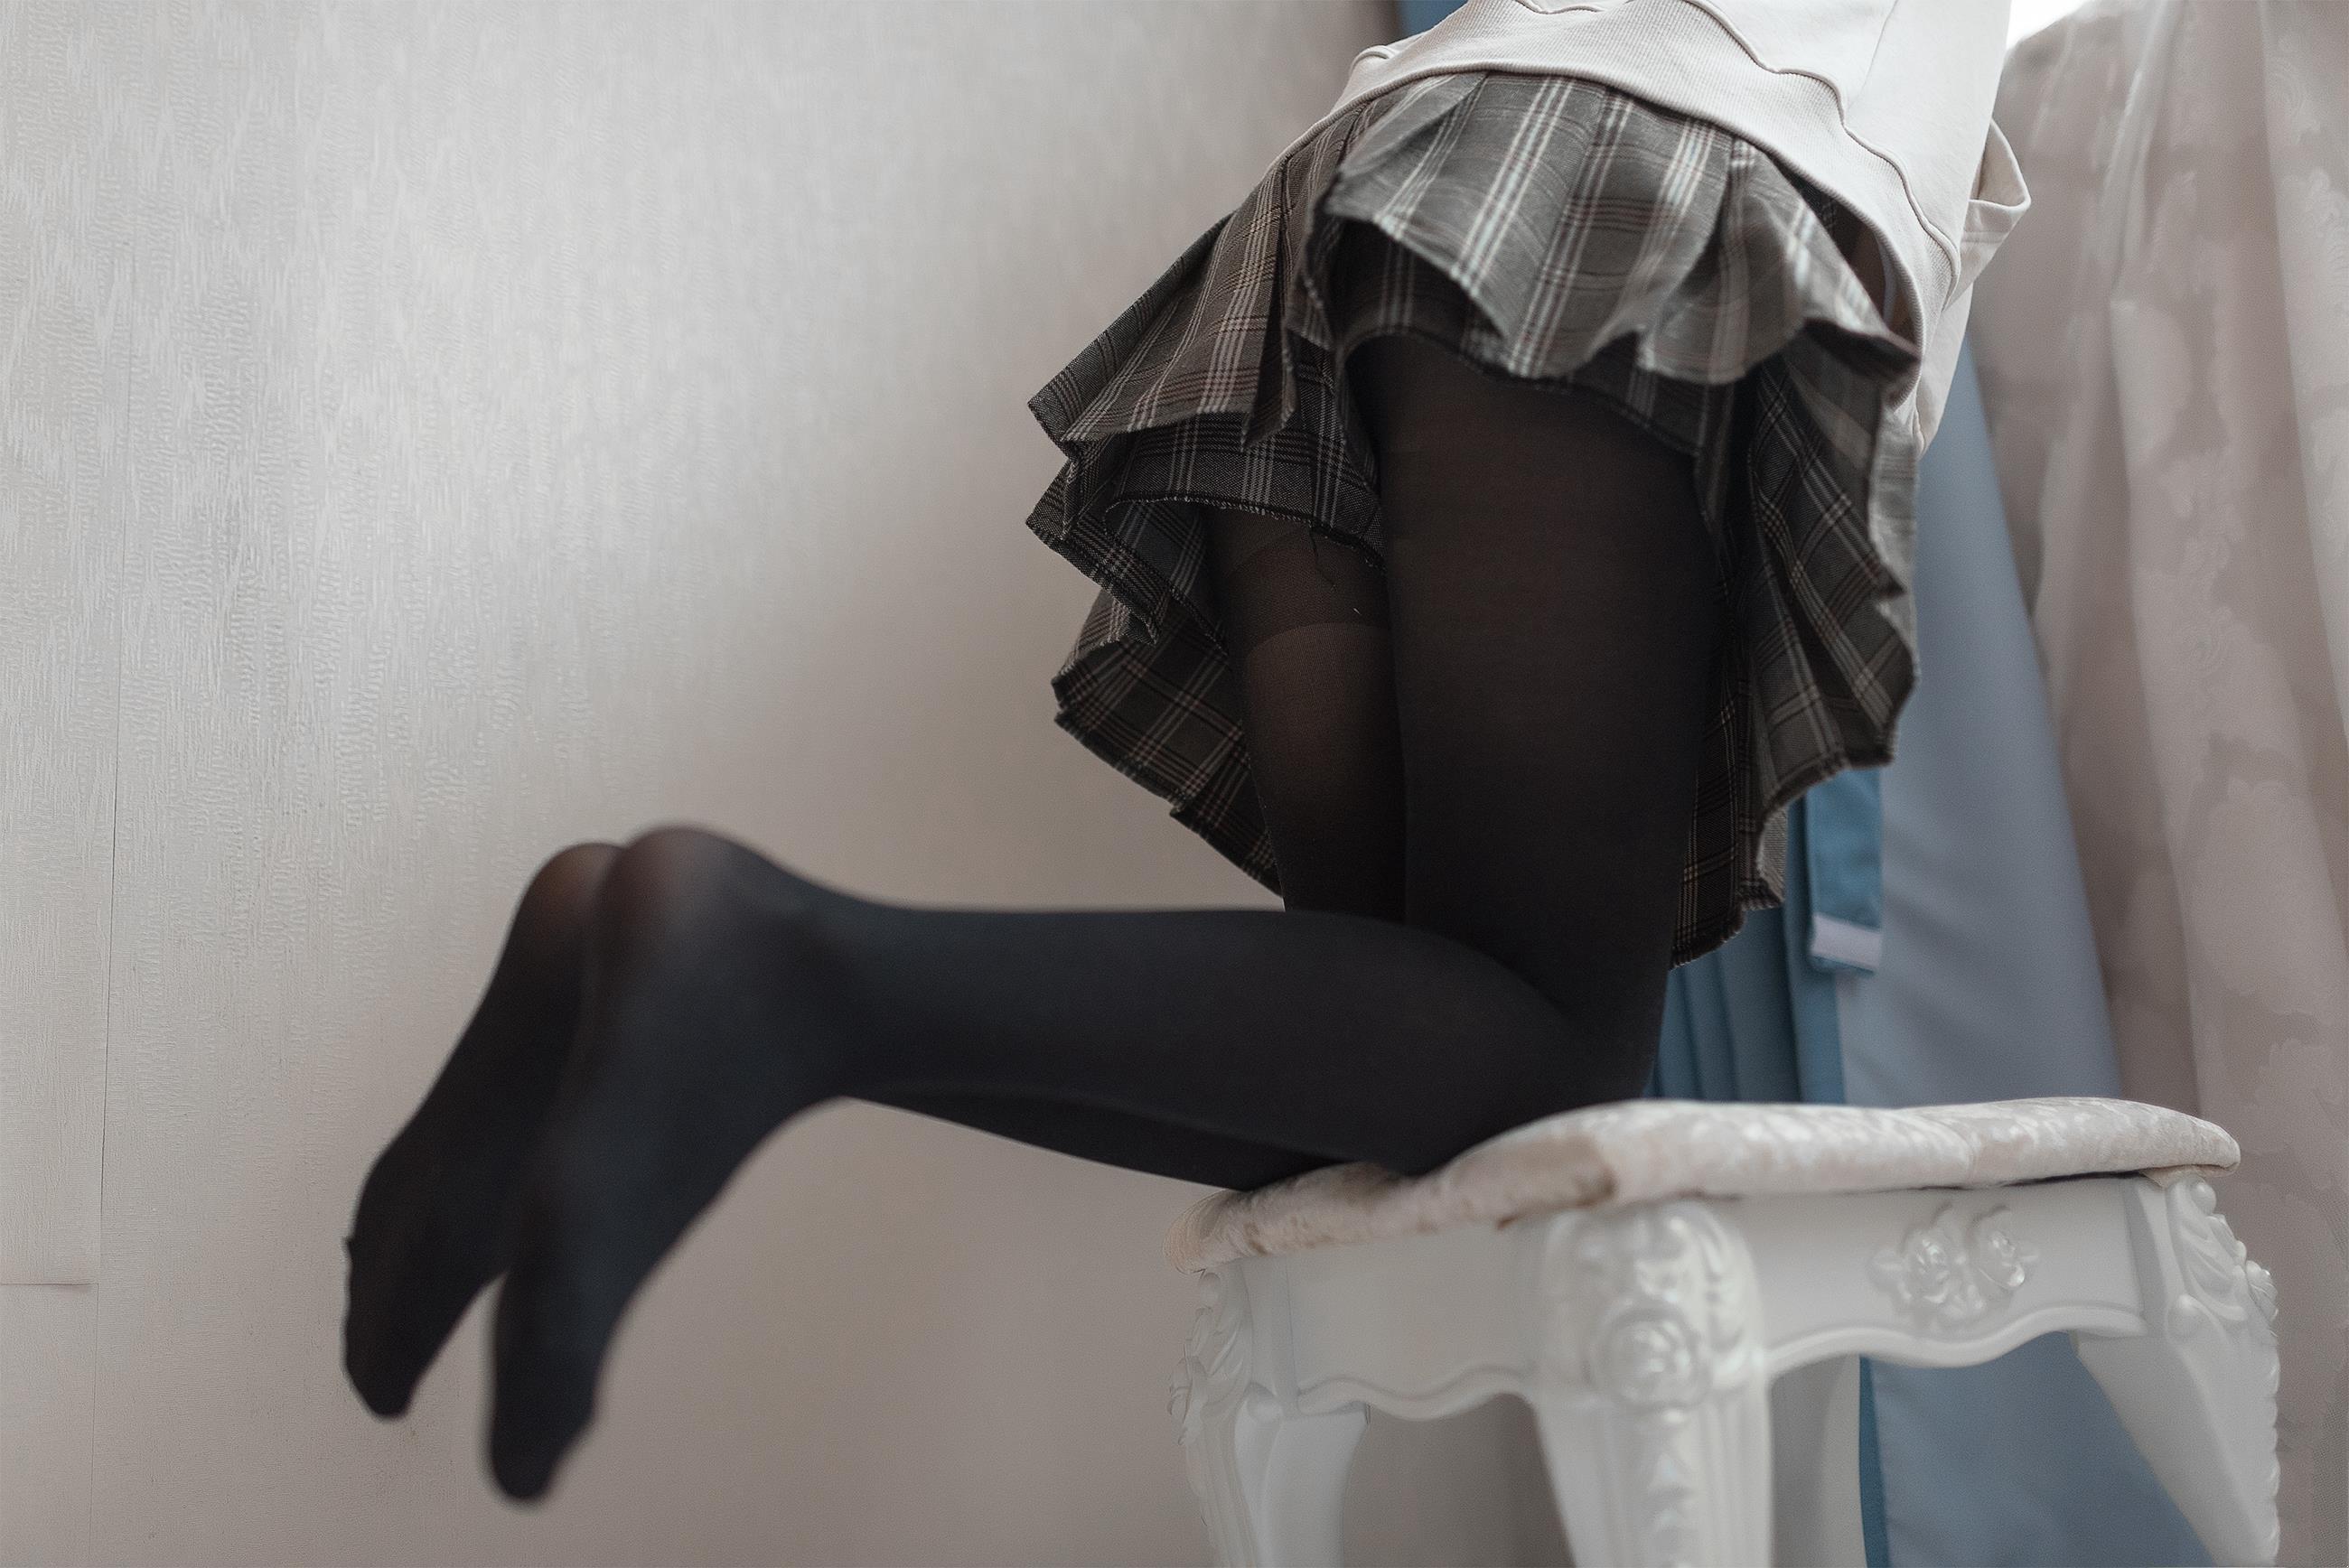 【风之领域0005】 别眨眼 销魂福利,贴身黑丝和小裙摆,真的太给力了!!!-蜜桃畅享